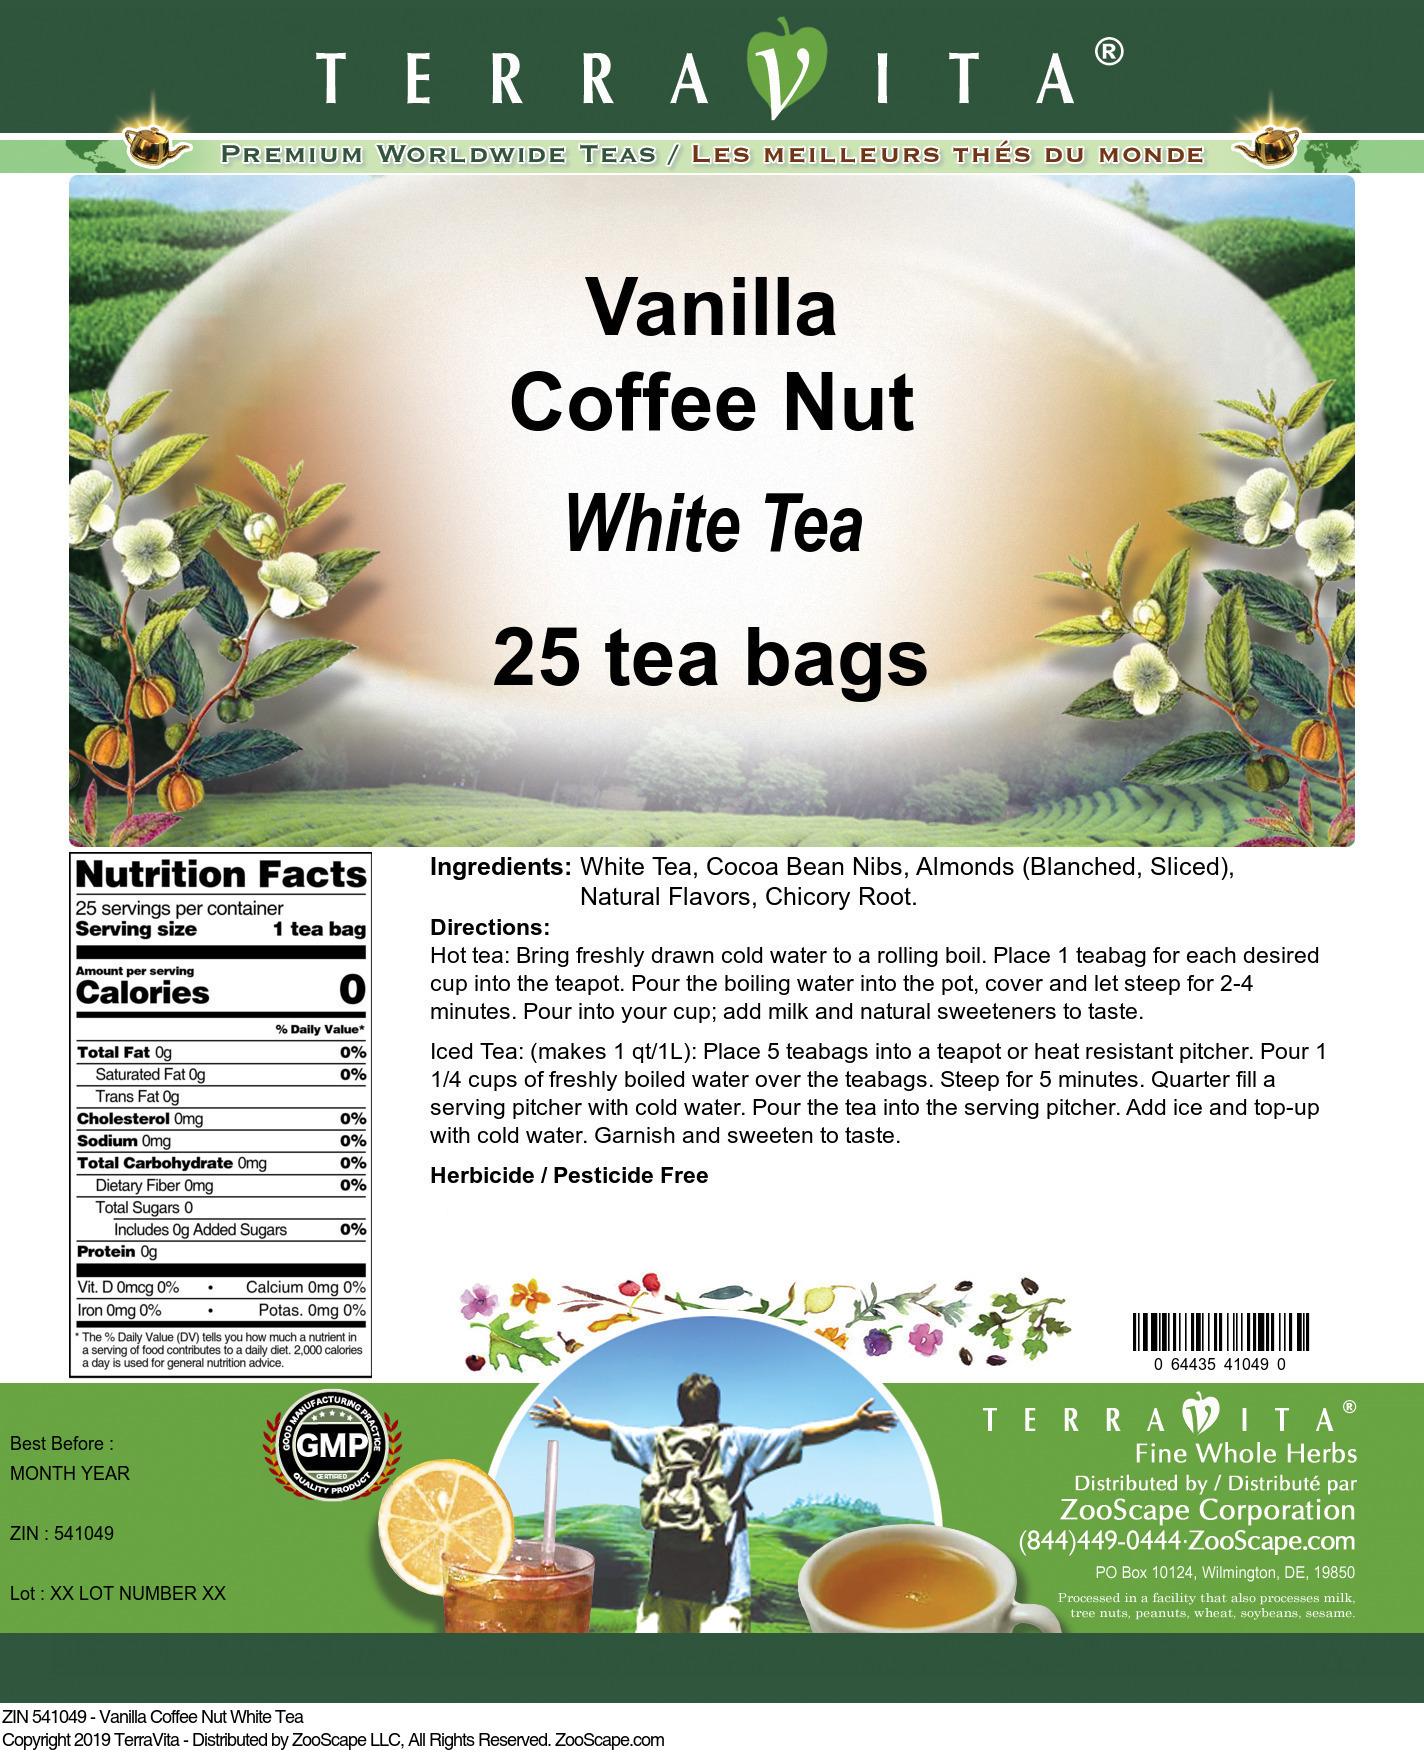 Vanilla Coffee Nut White Tea